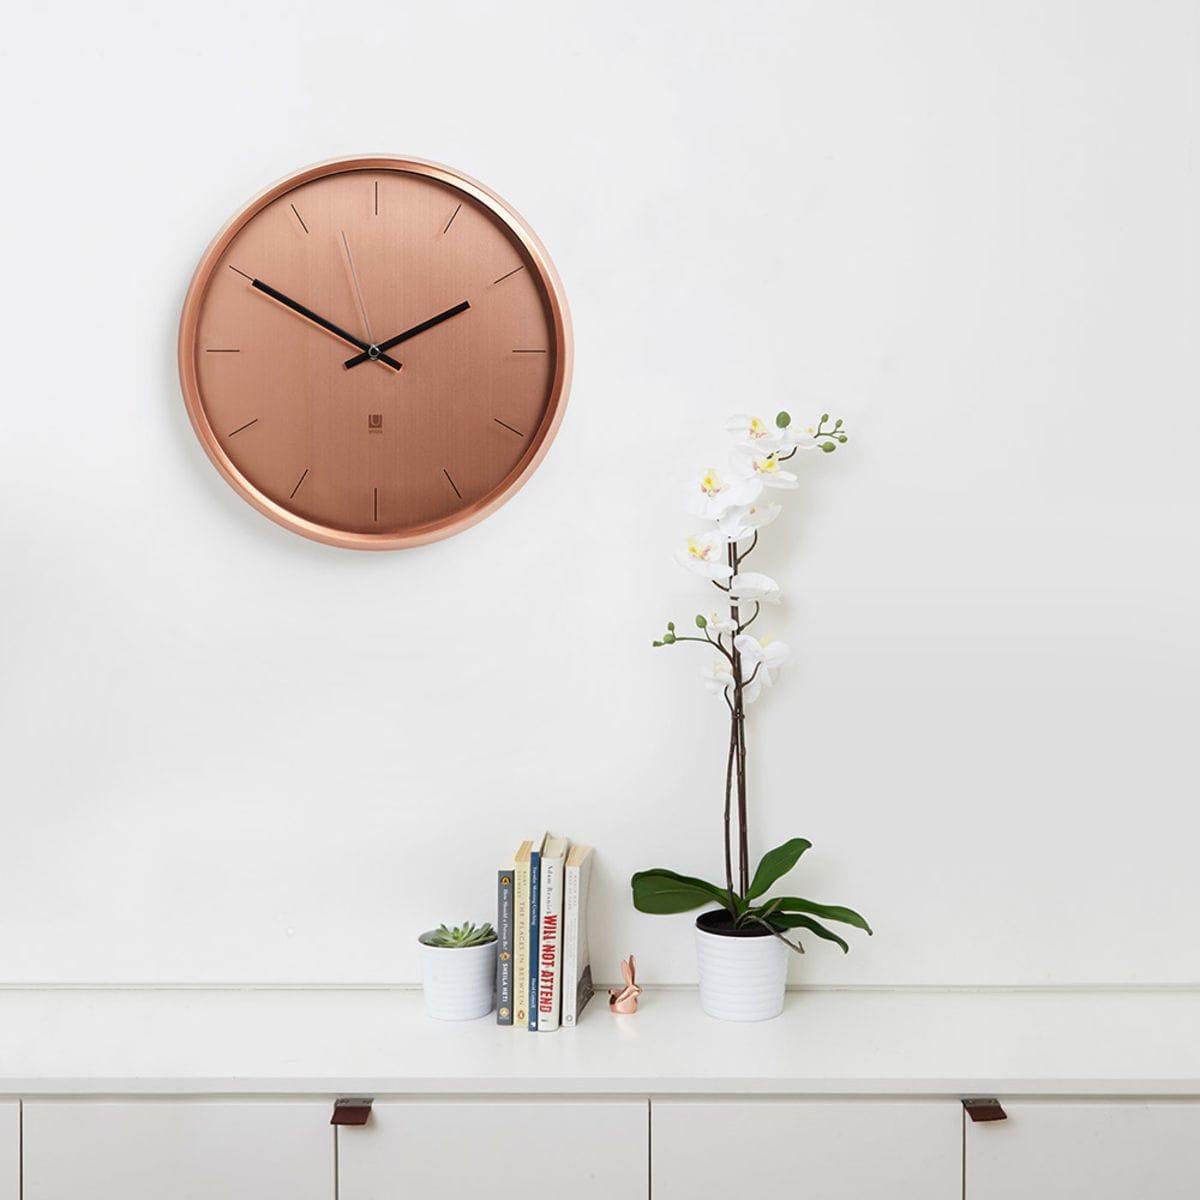 Фото - Оригинальные настенные часы, которые преобразят вашу комнату